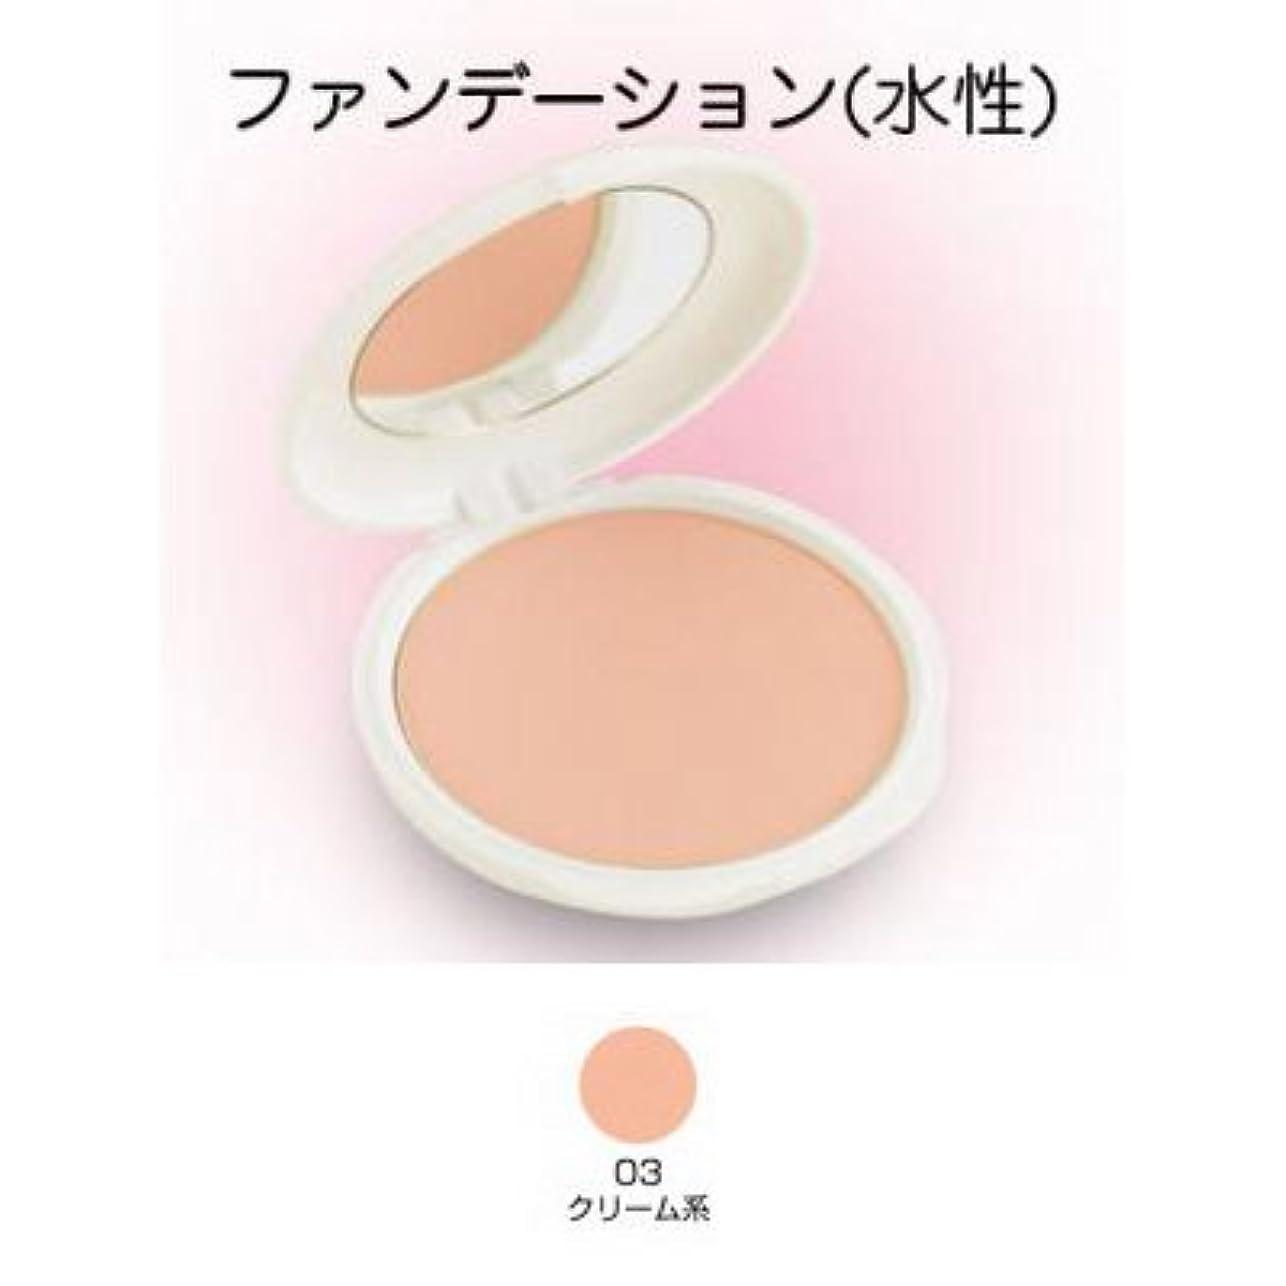 乳剤シプリーしっかりツーウェイケーキ 28g 03クリーム系 【三善】